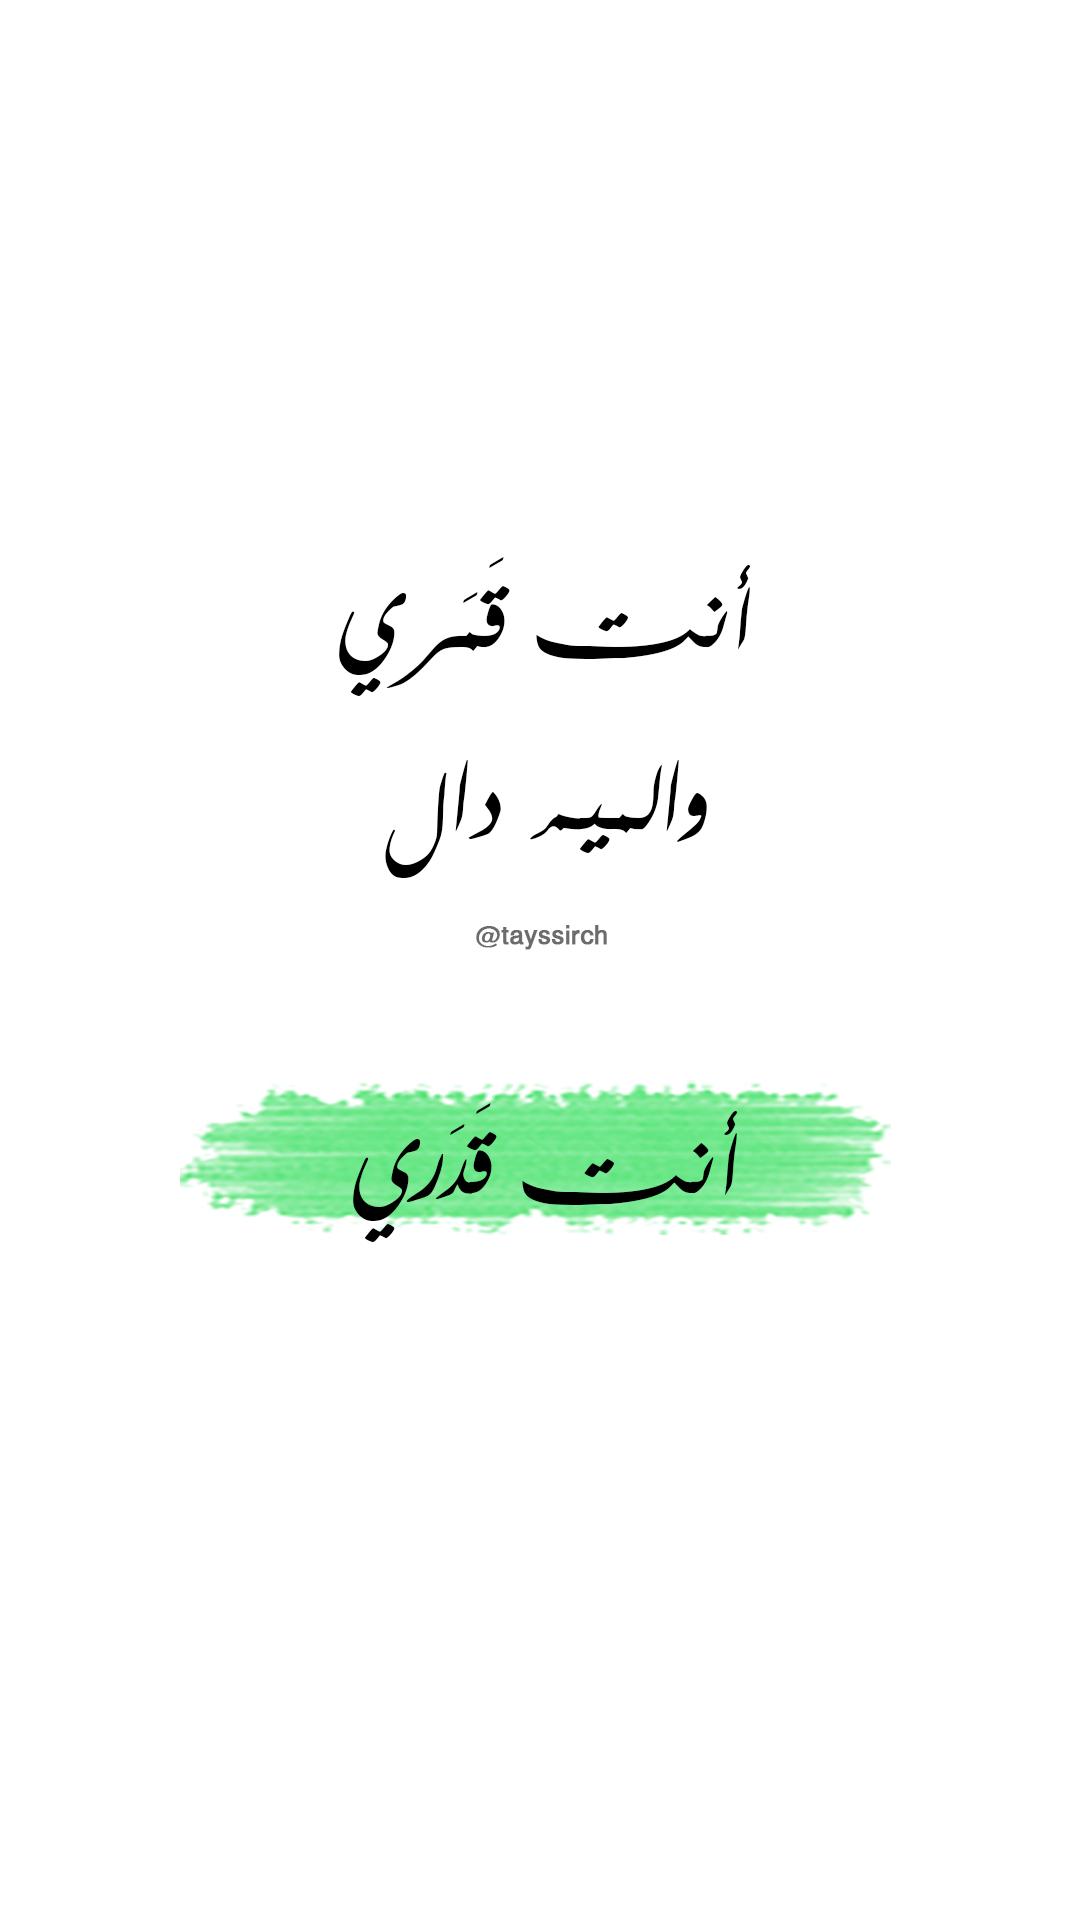 أنت قمري والميم دال Arabic Love Quotes Love Quotes For Her Beautiful Arabic Words